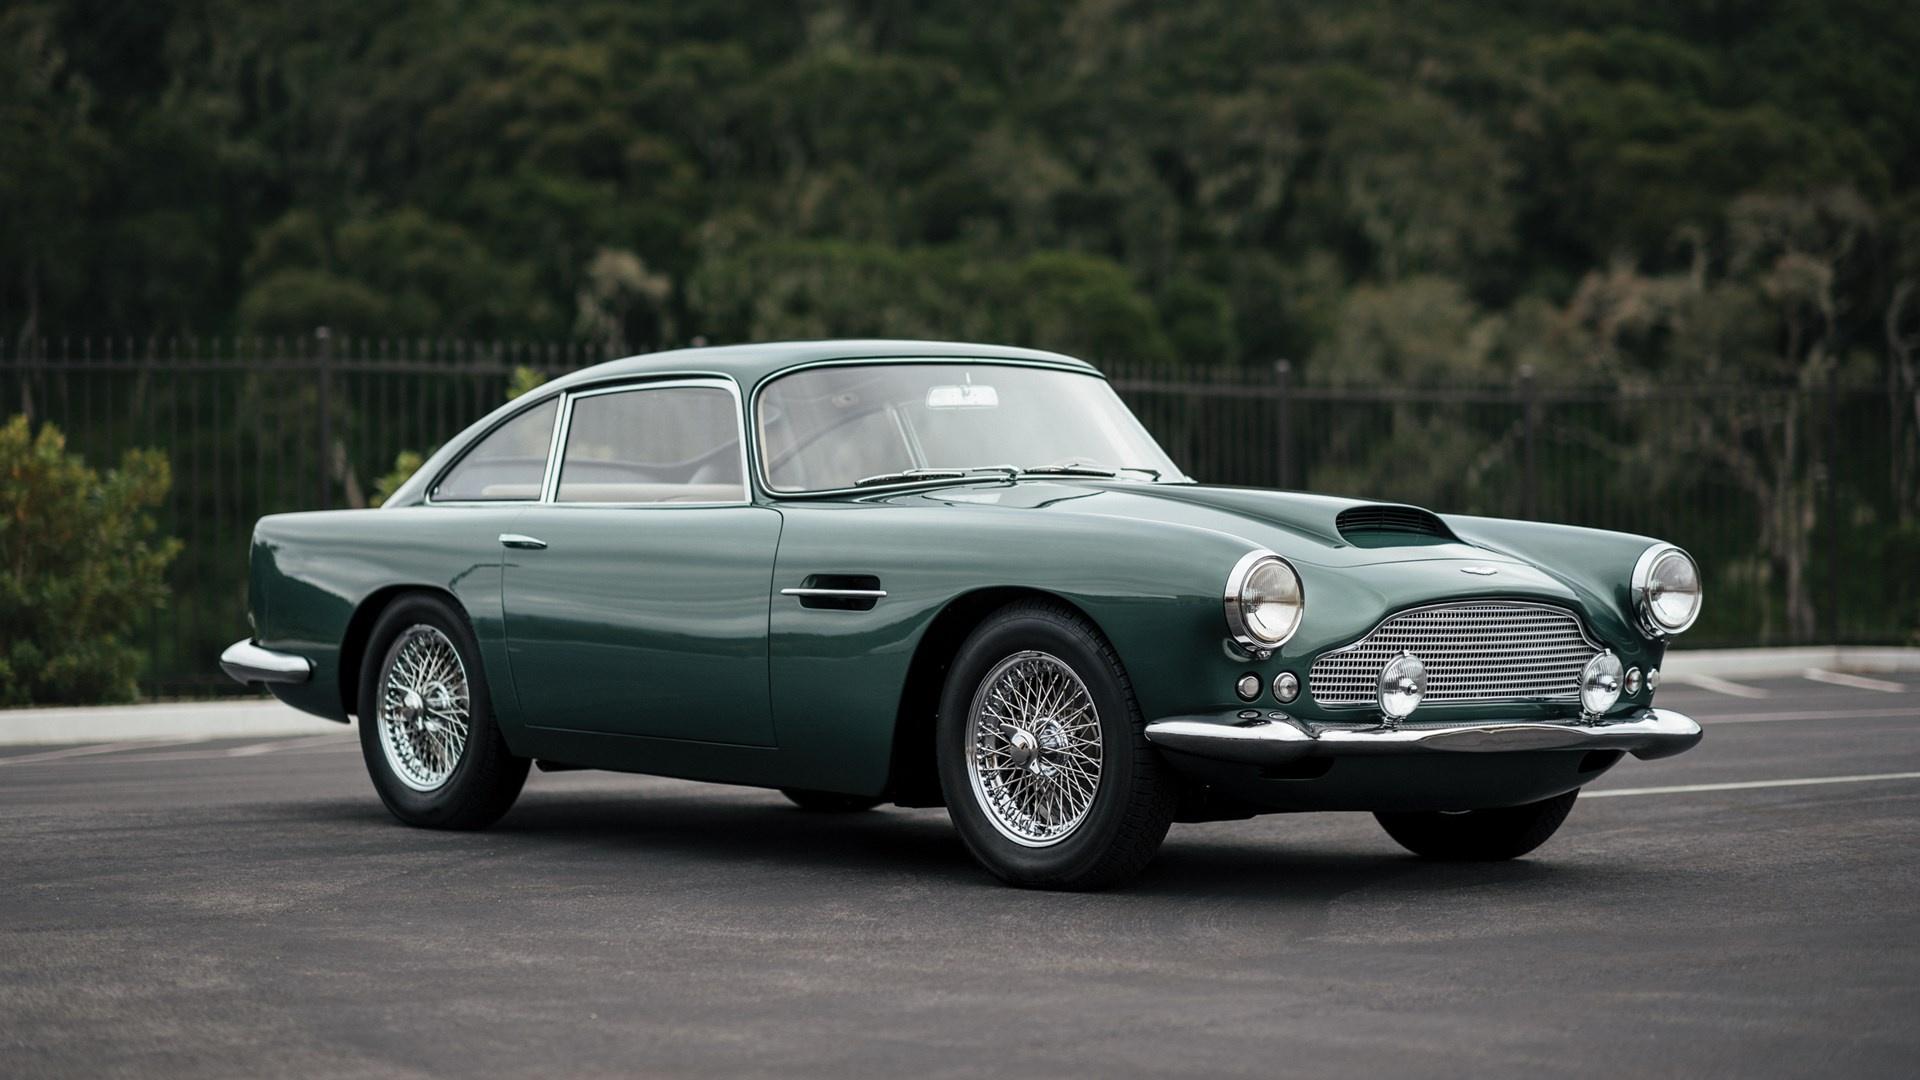 1961 Aston Martin Db4 Series Ii Oldtimer Zu Verkaufen